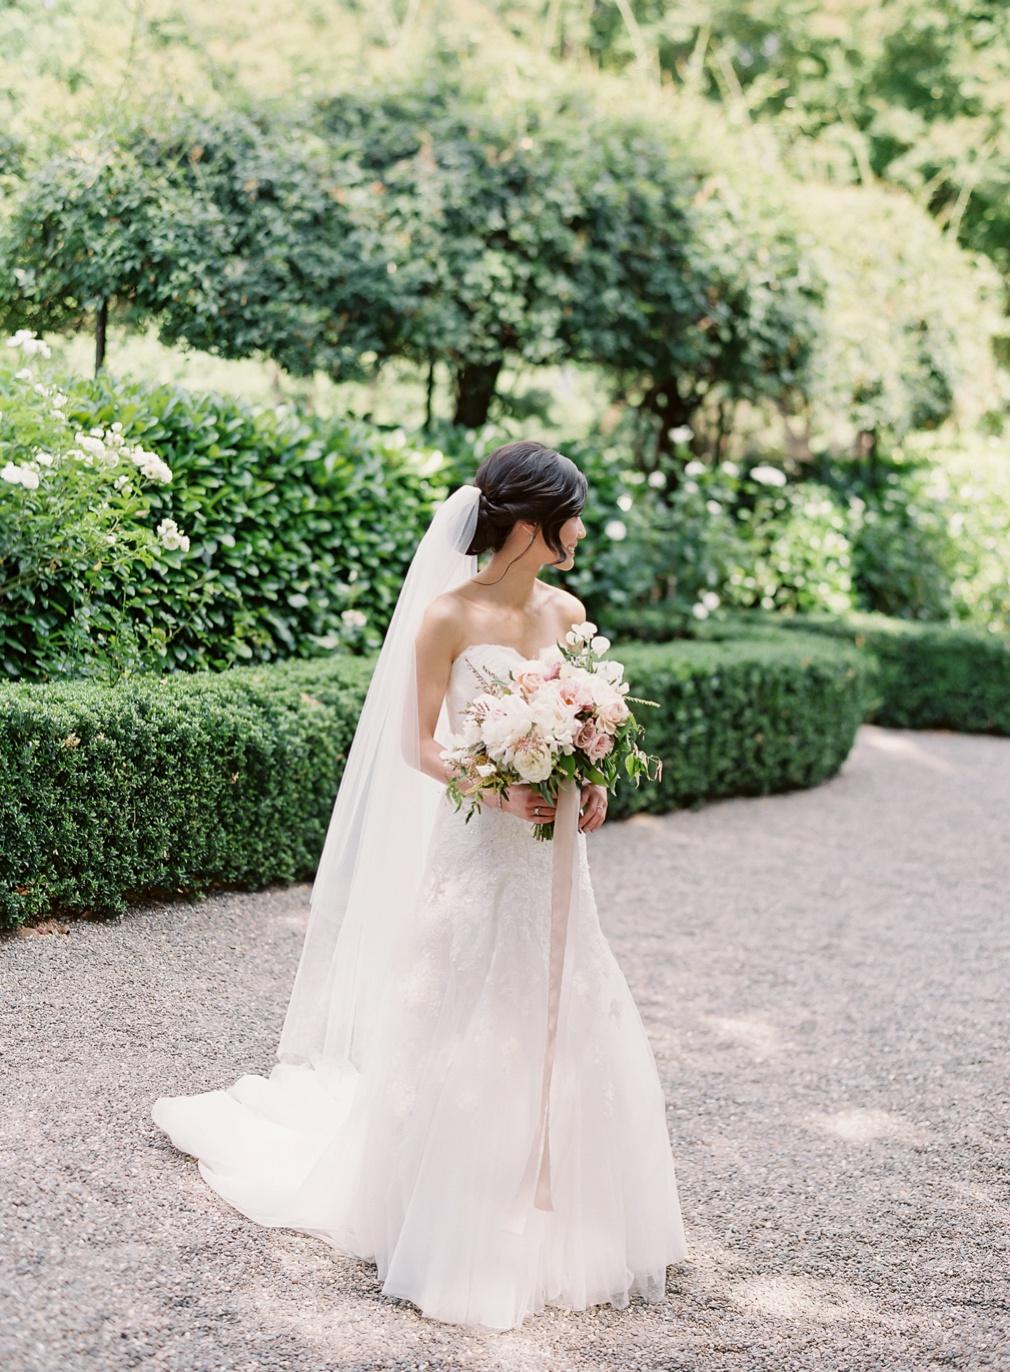 Vicki_Grafton_Photography_beaulieu_gardens+6-24-17-619.JPG